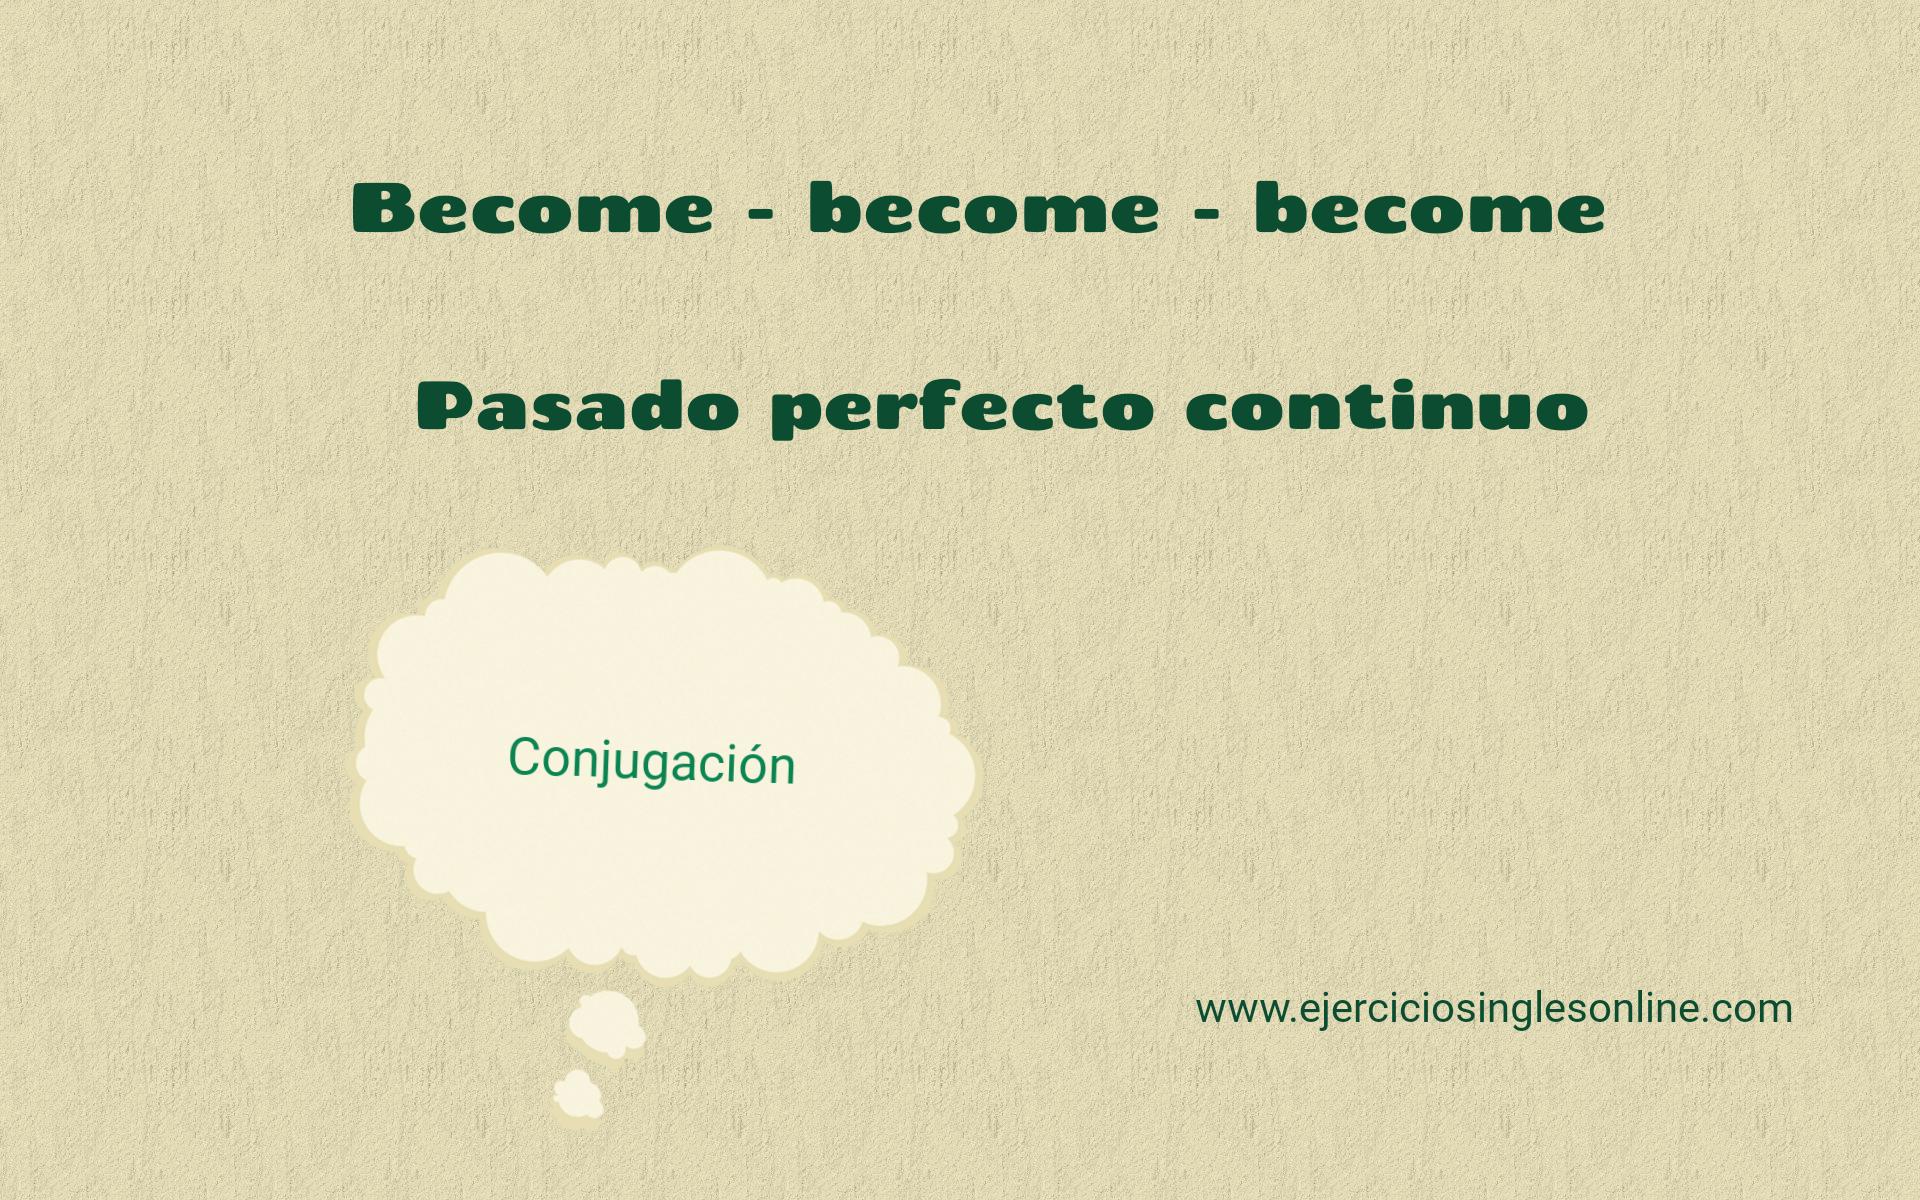 Become - Pasado perfecto continuo